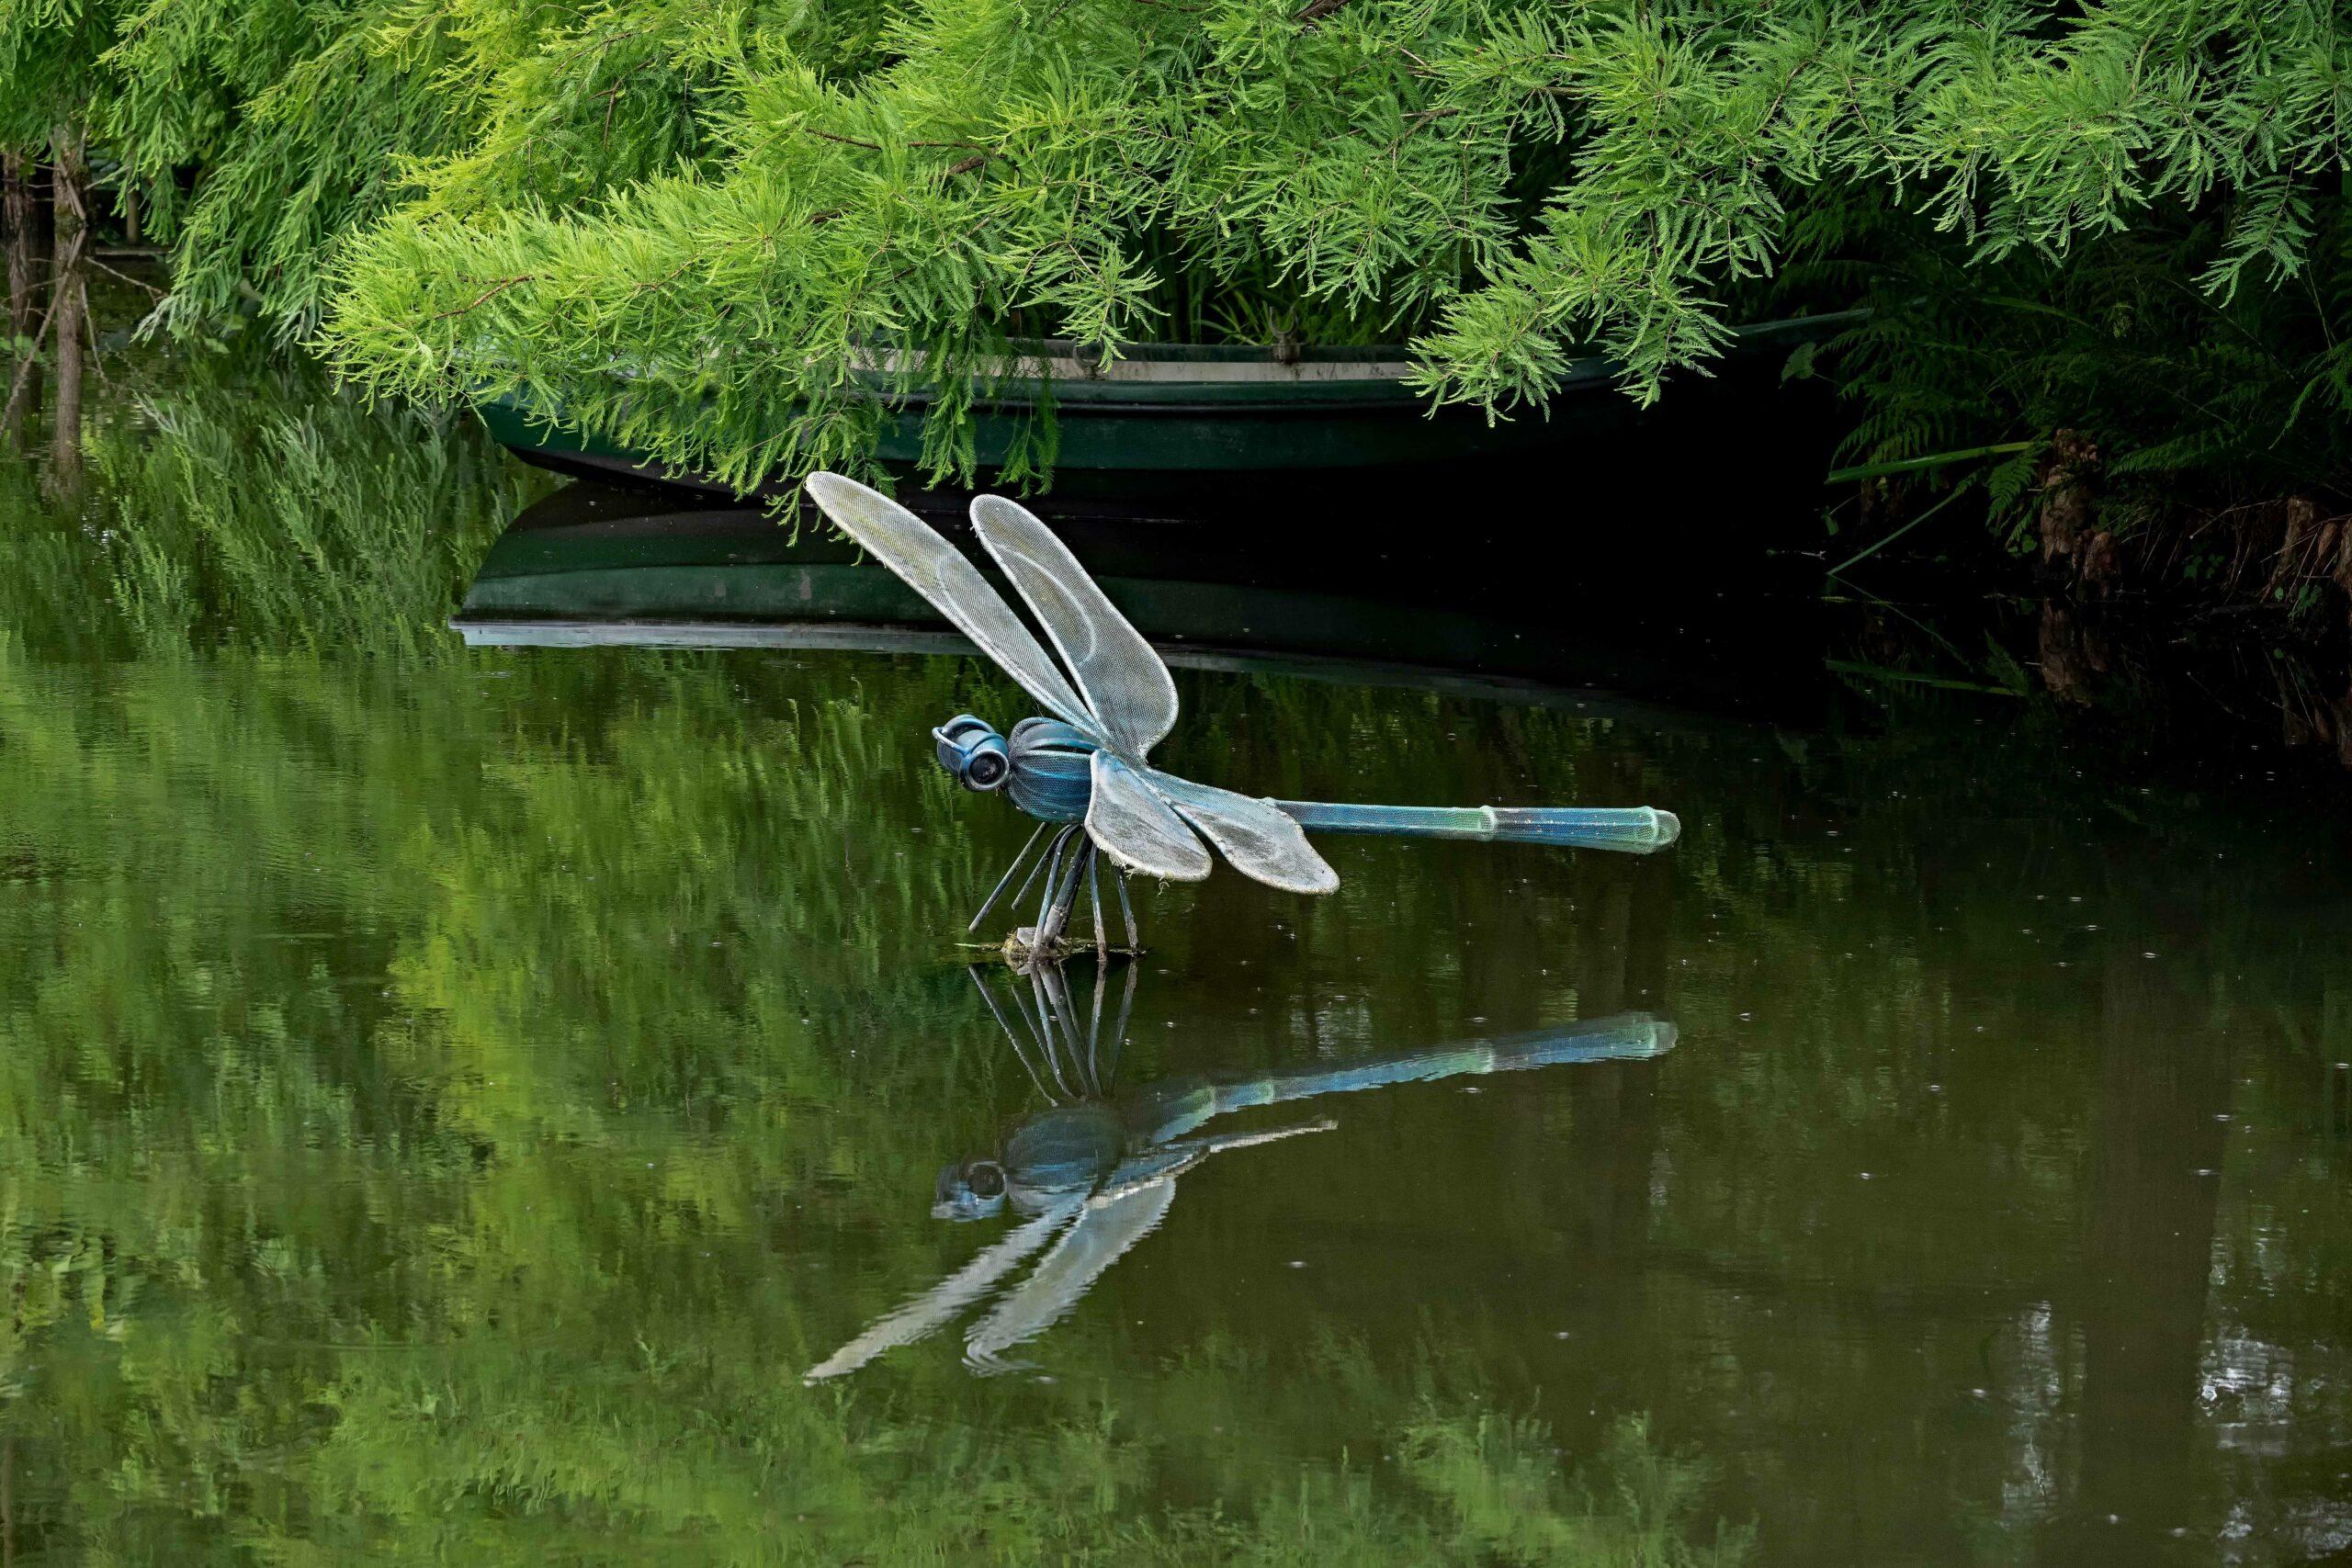 Hans Stötera - Arboretum Ellerhoop 03.08.2021 - Urzeit Libelle